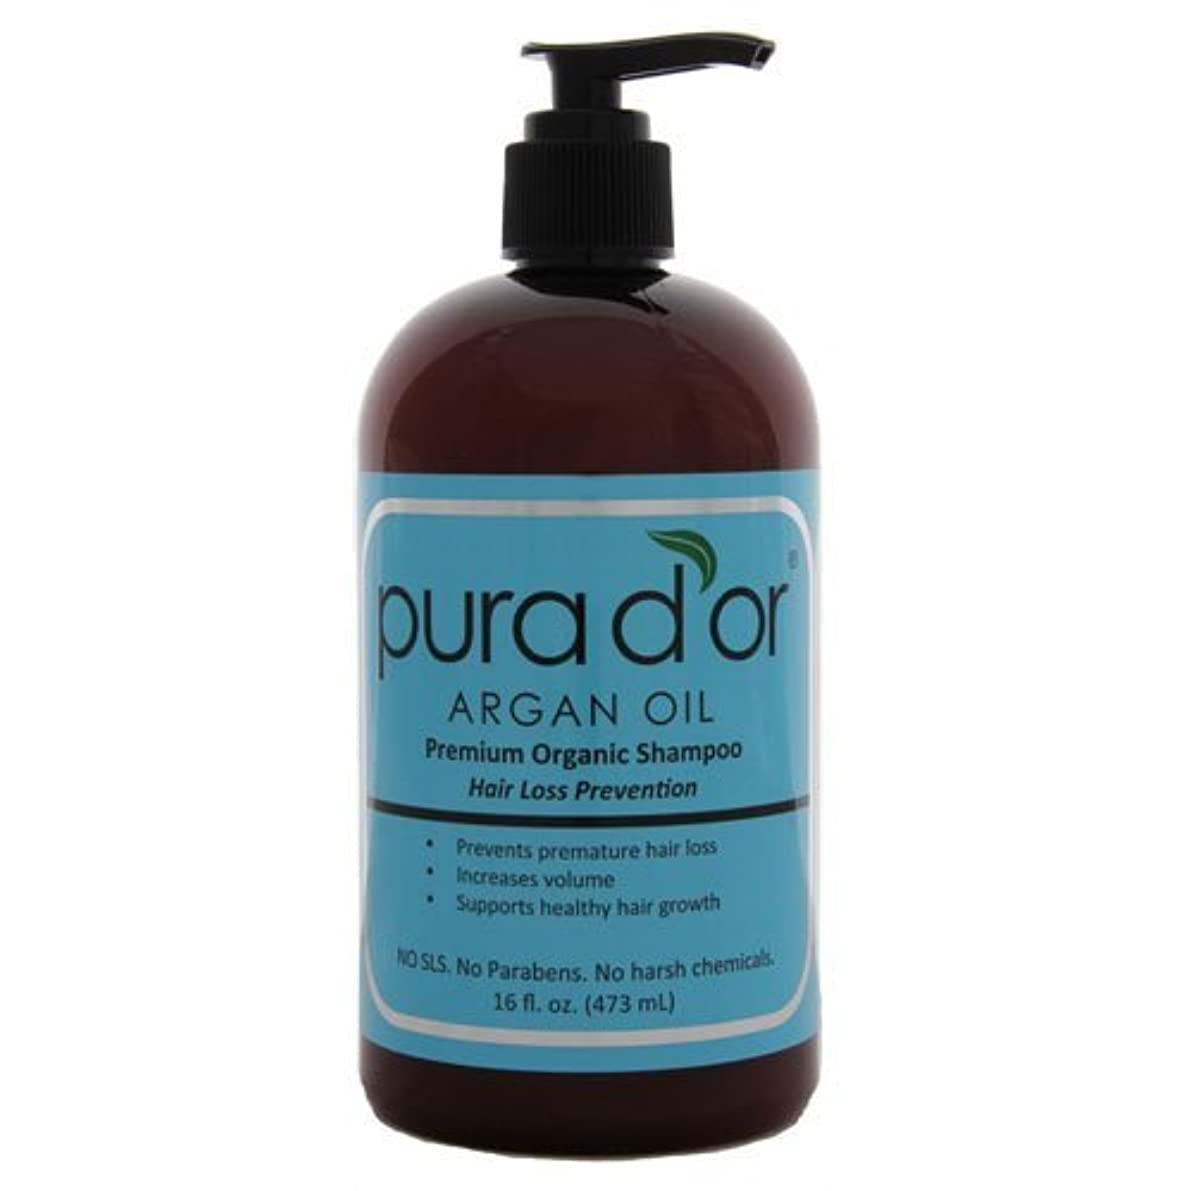 【オーガニック】 DHTブロッカー シャンプー男女兼用 470ml【並行輸入品】 Pura d'or Hair Loss Prevention Premium Organic Shampoo 16oz